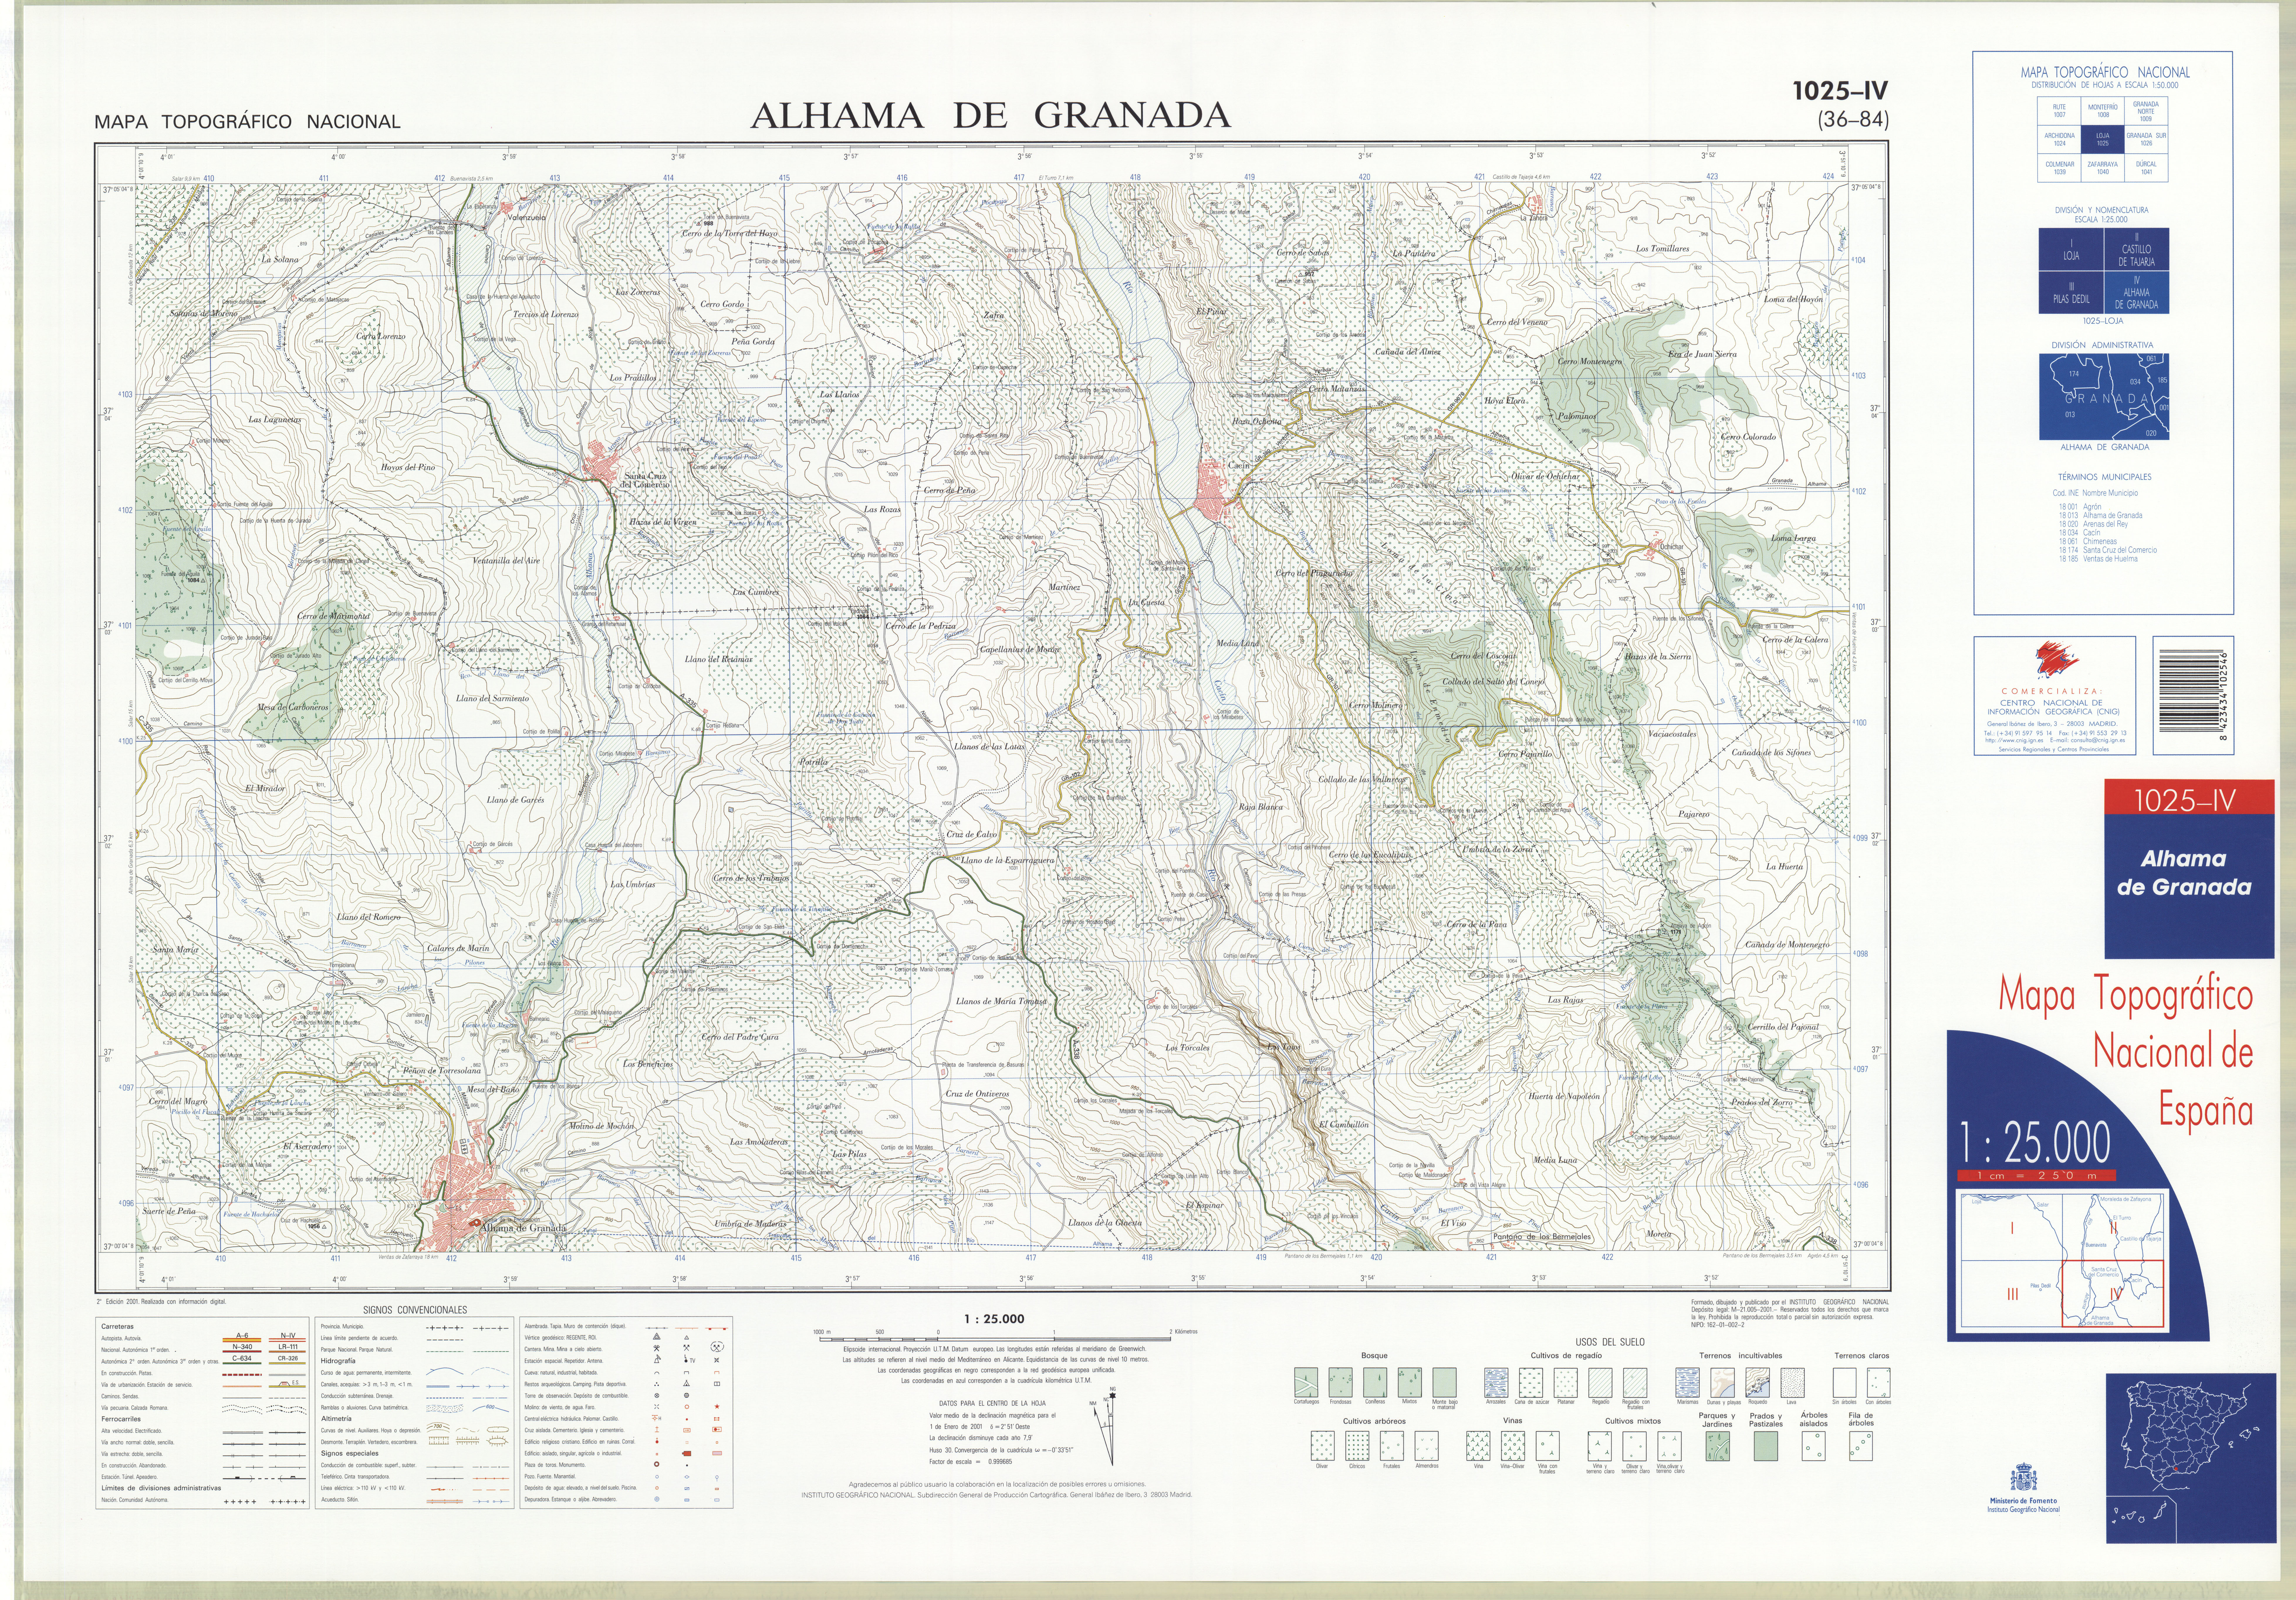 Mapa Alhama De Granada.File Mtn25 1025c4 2001 Alhama De Granada Jpg Wikimedia Commons